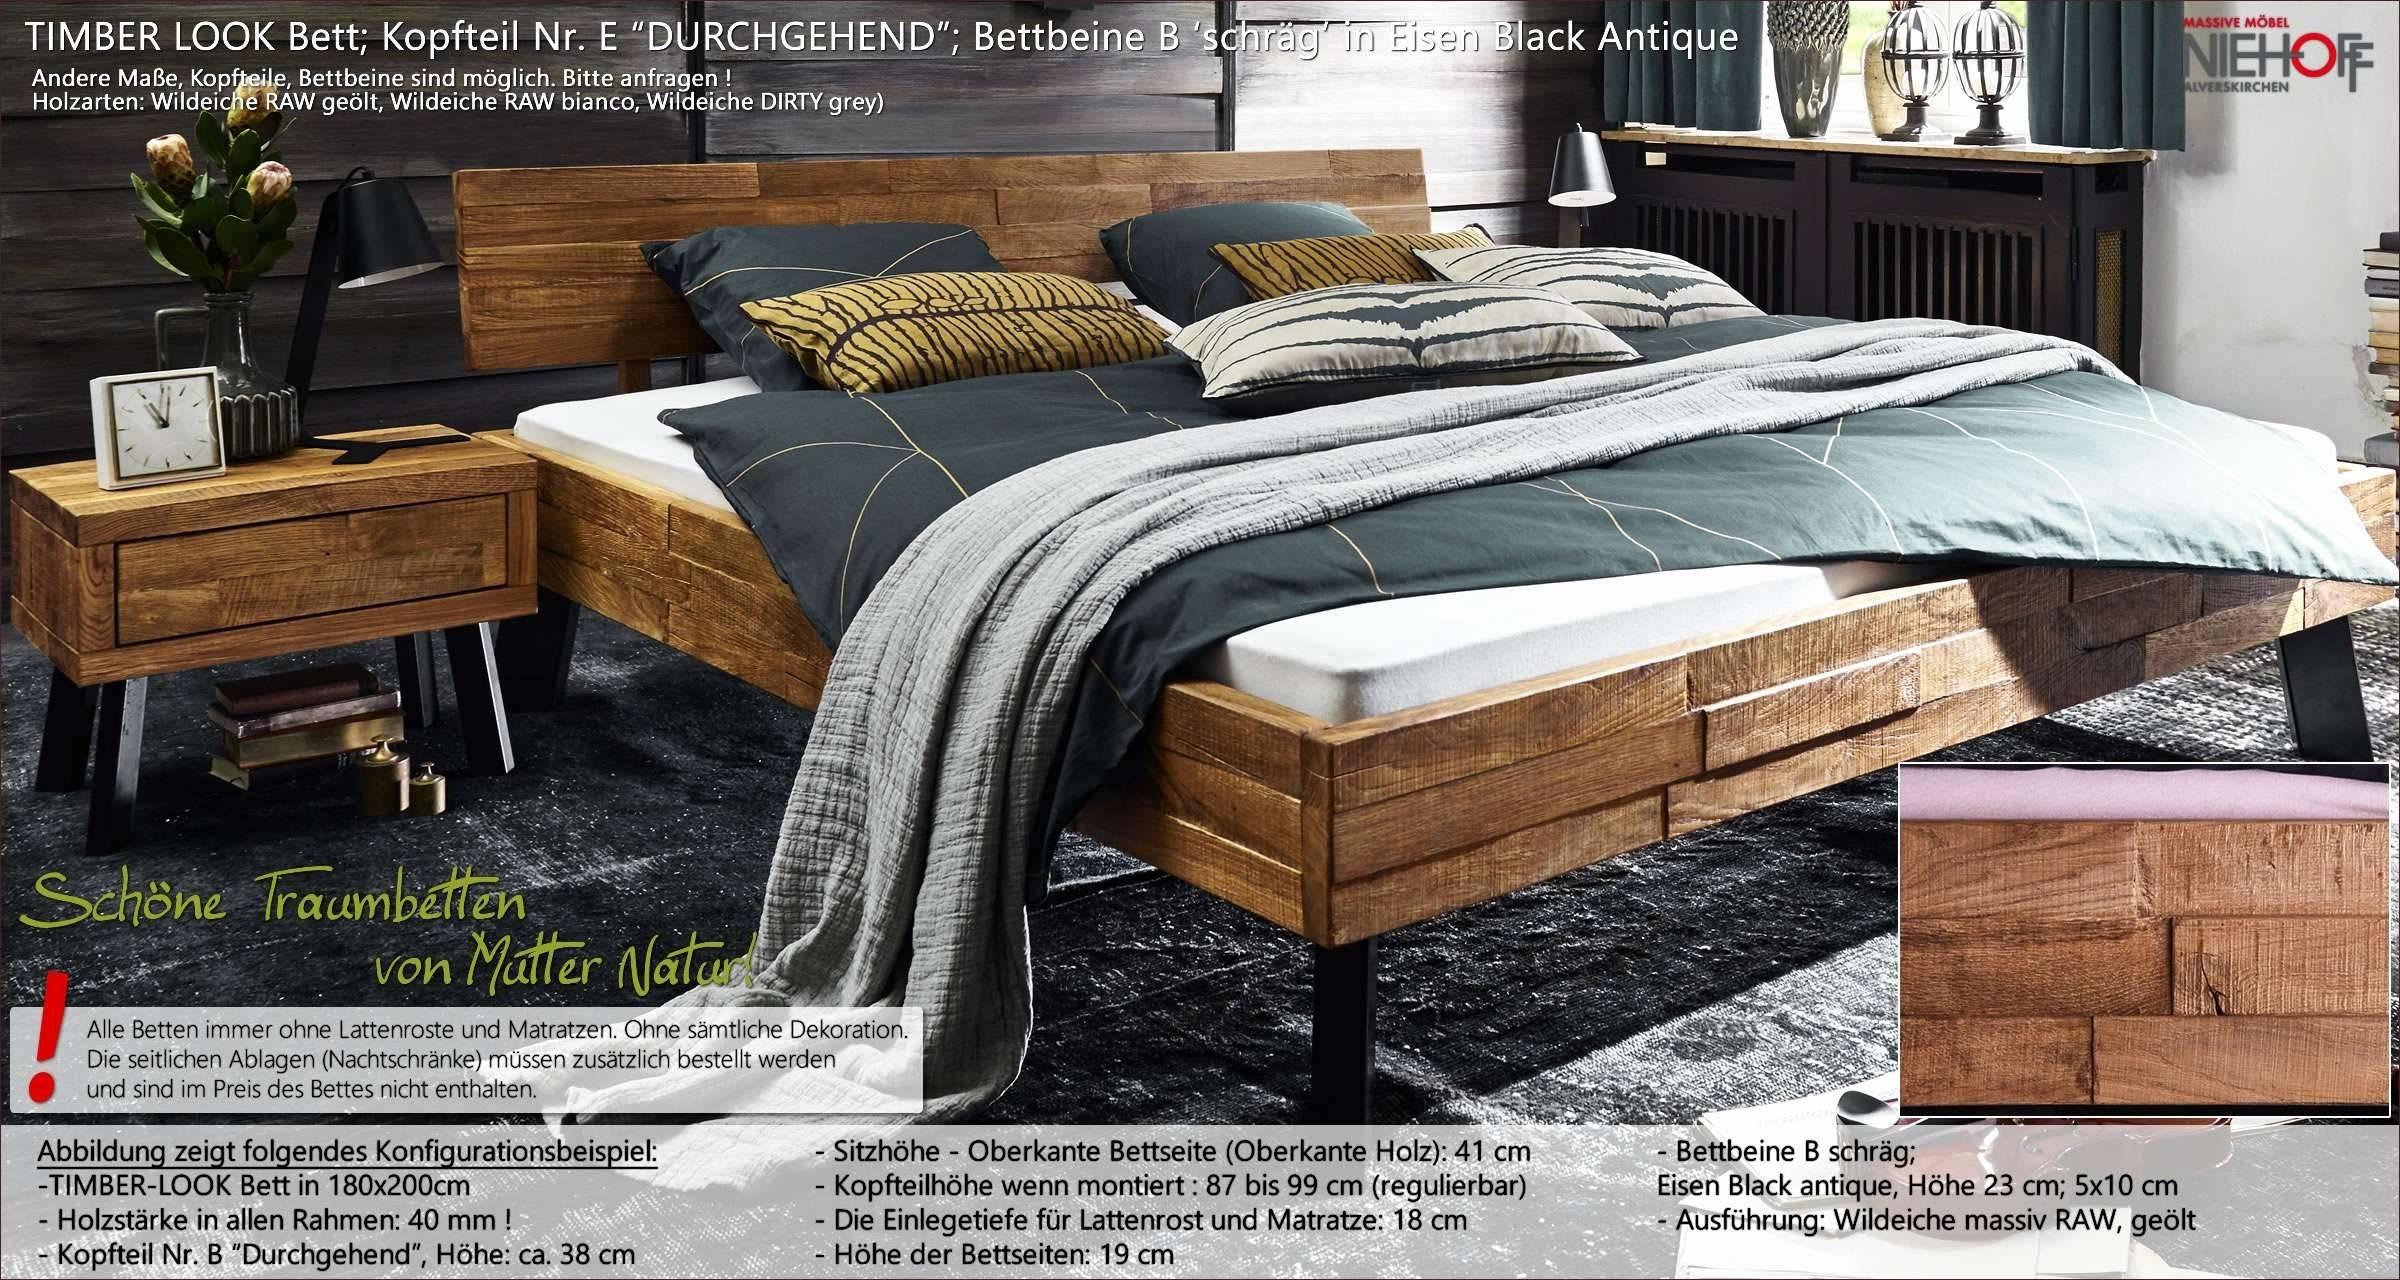 schlafzimmer wo bett hinstellen schon bett mit funktion neu bett holz massiv elegant schon lounge bett 0d of schlafzimmer wo bett hinstellen